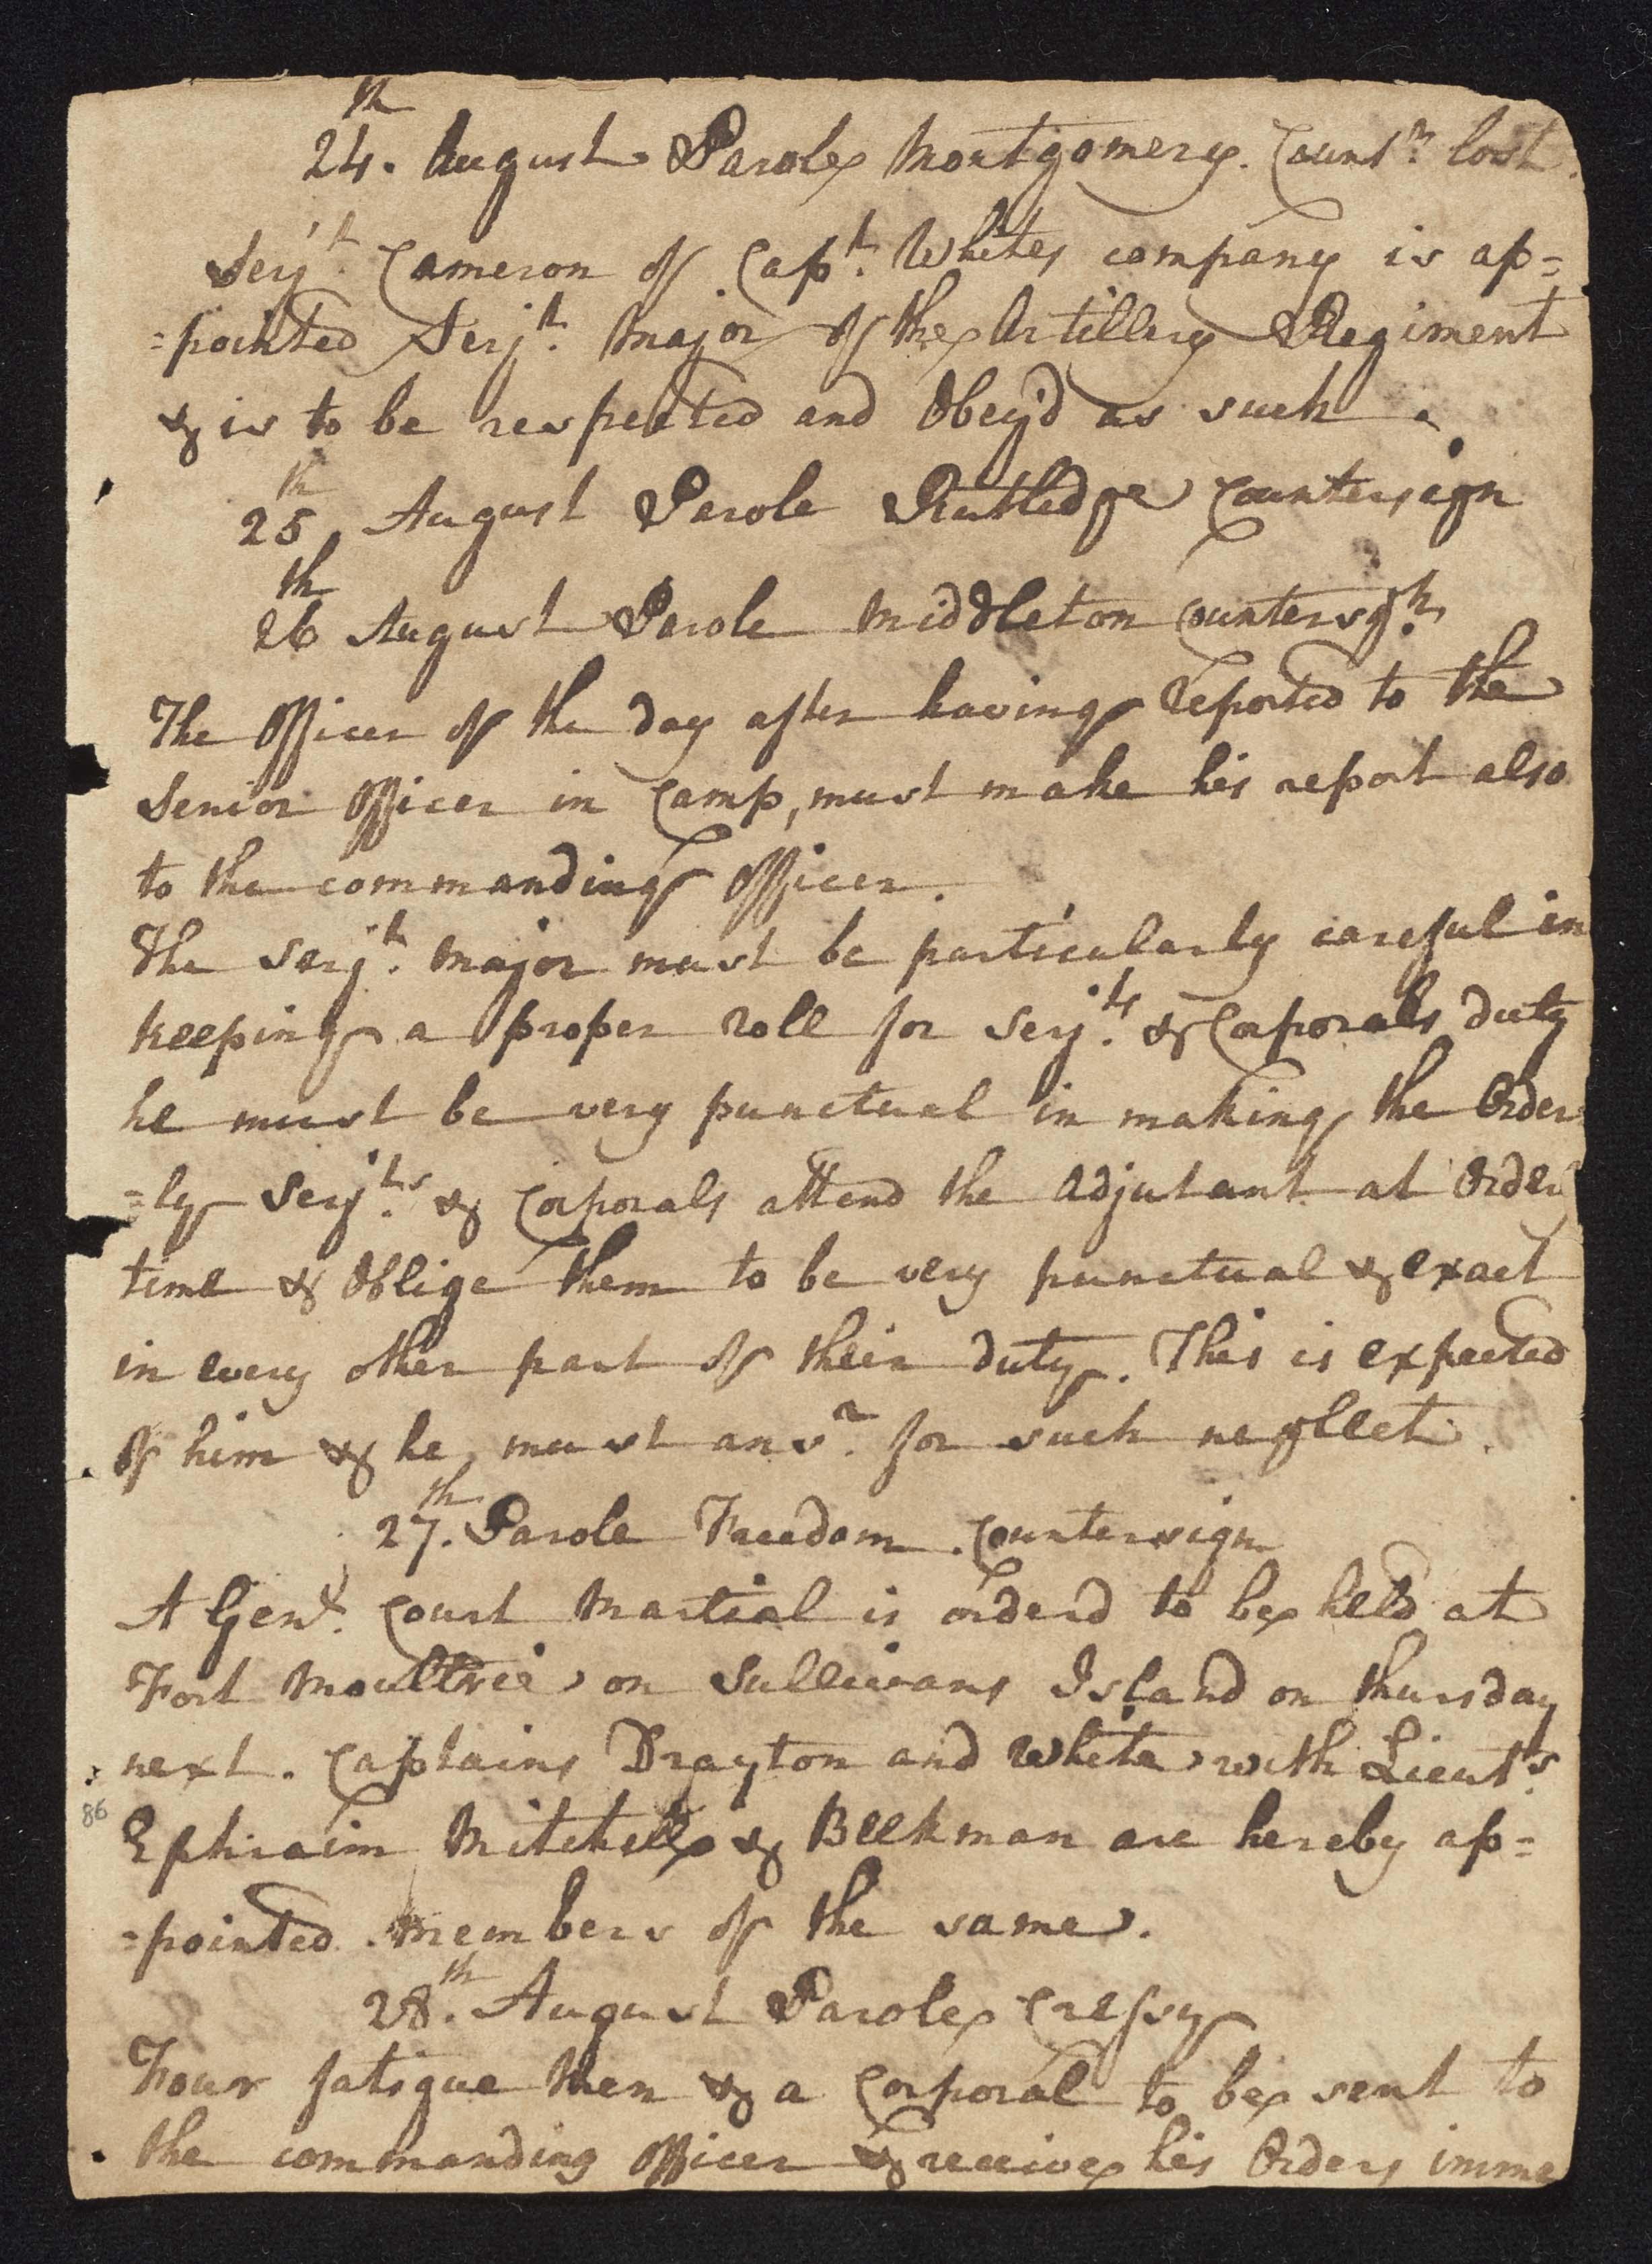 South Carolina Regiment Order Book, Page 171